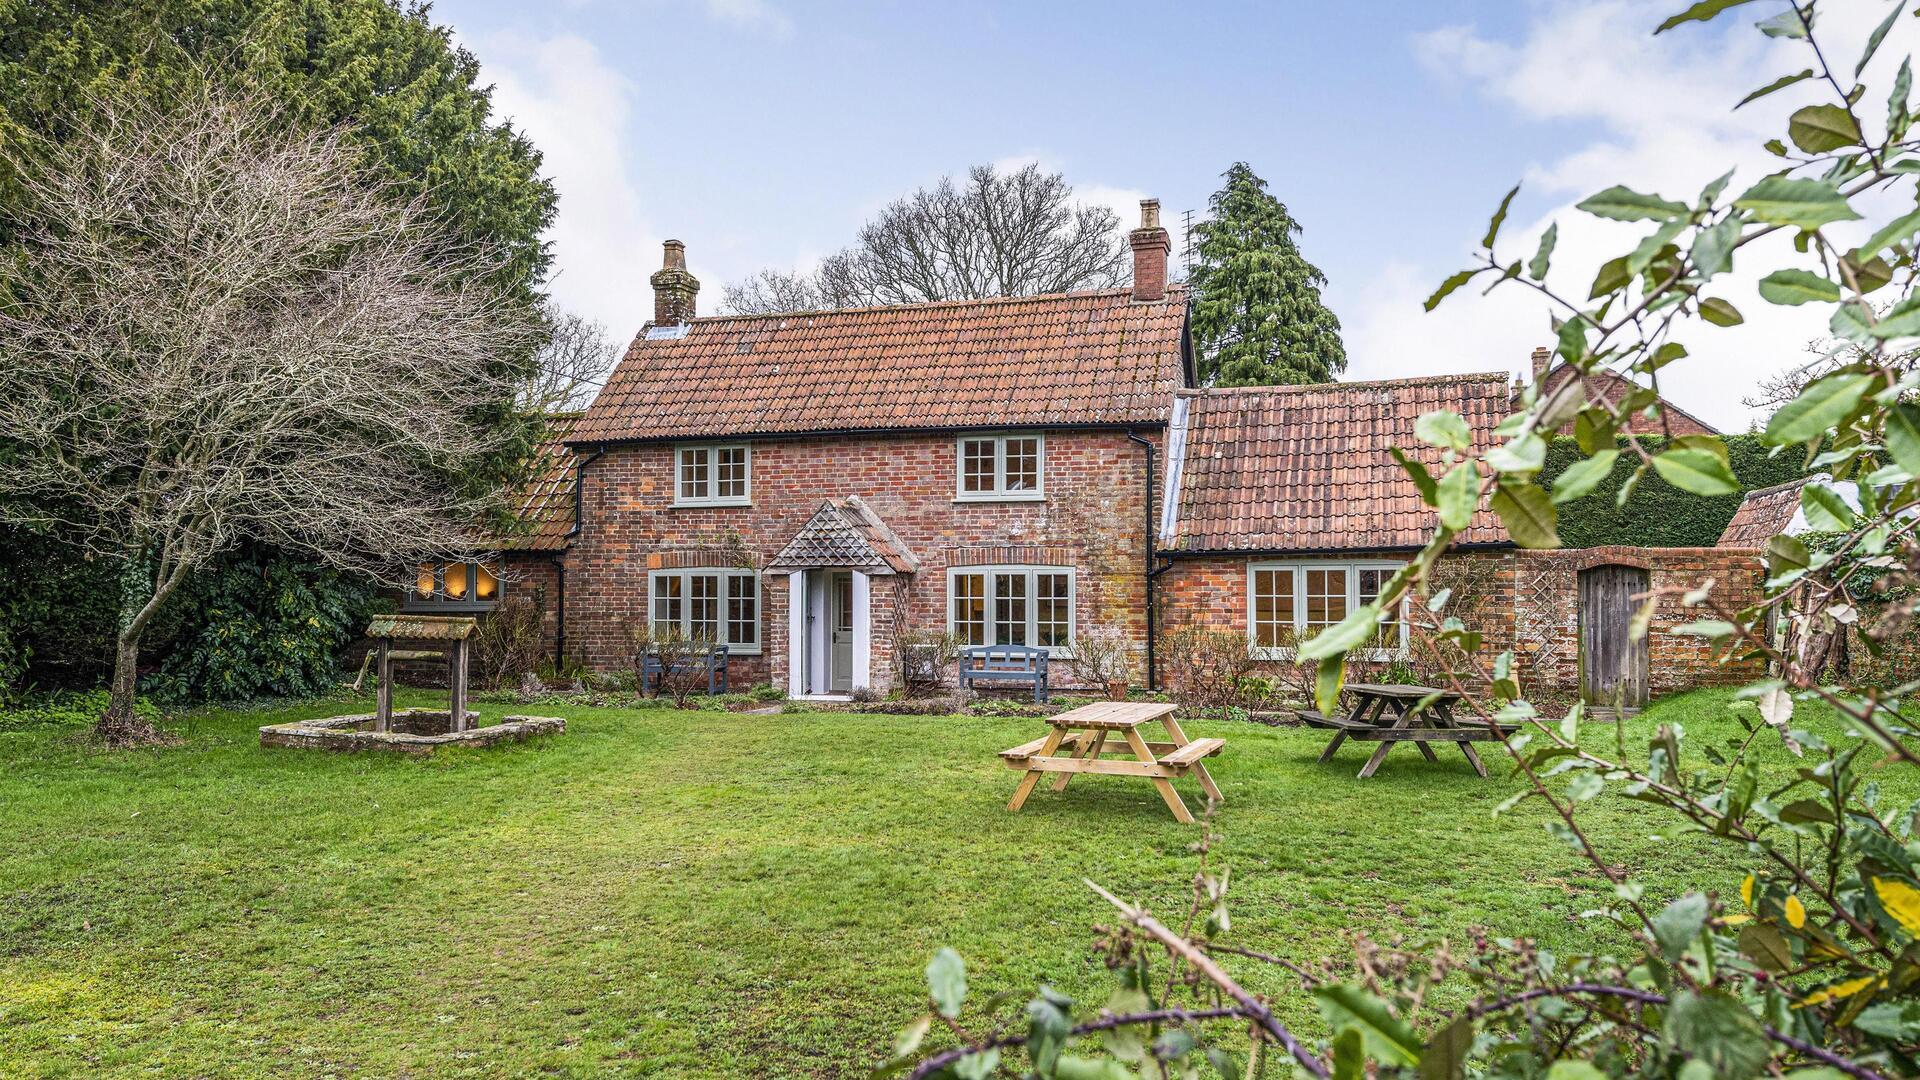 3 Bedroom Cottage in Dorset, United Kingdom